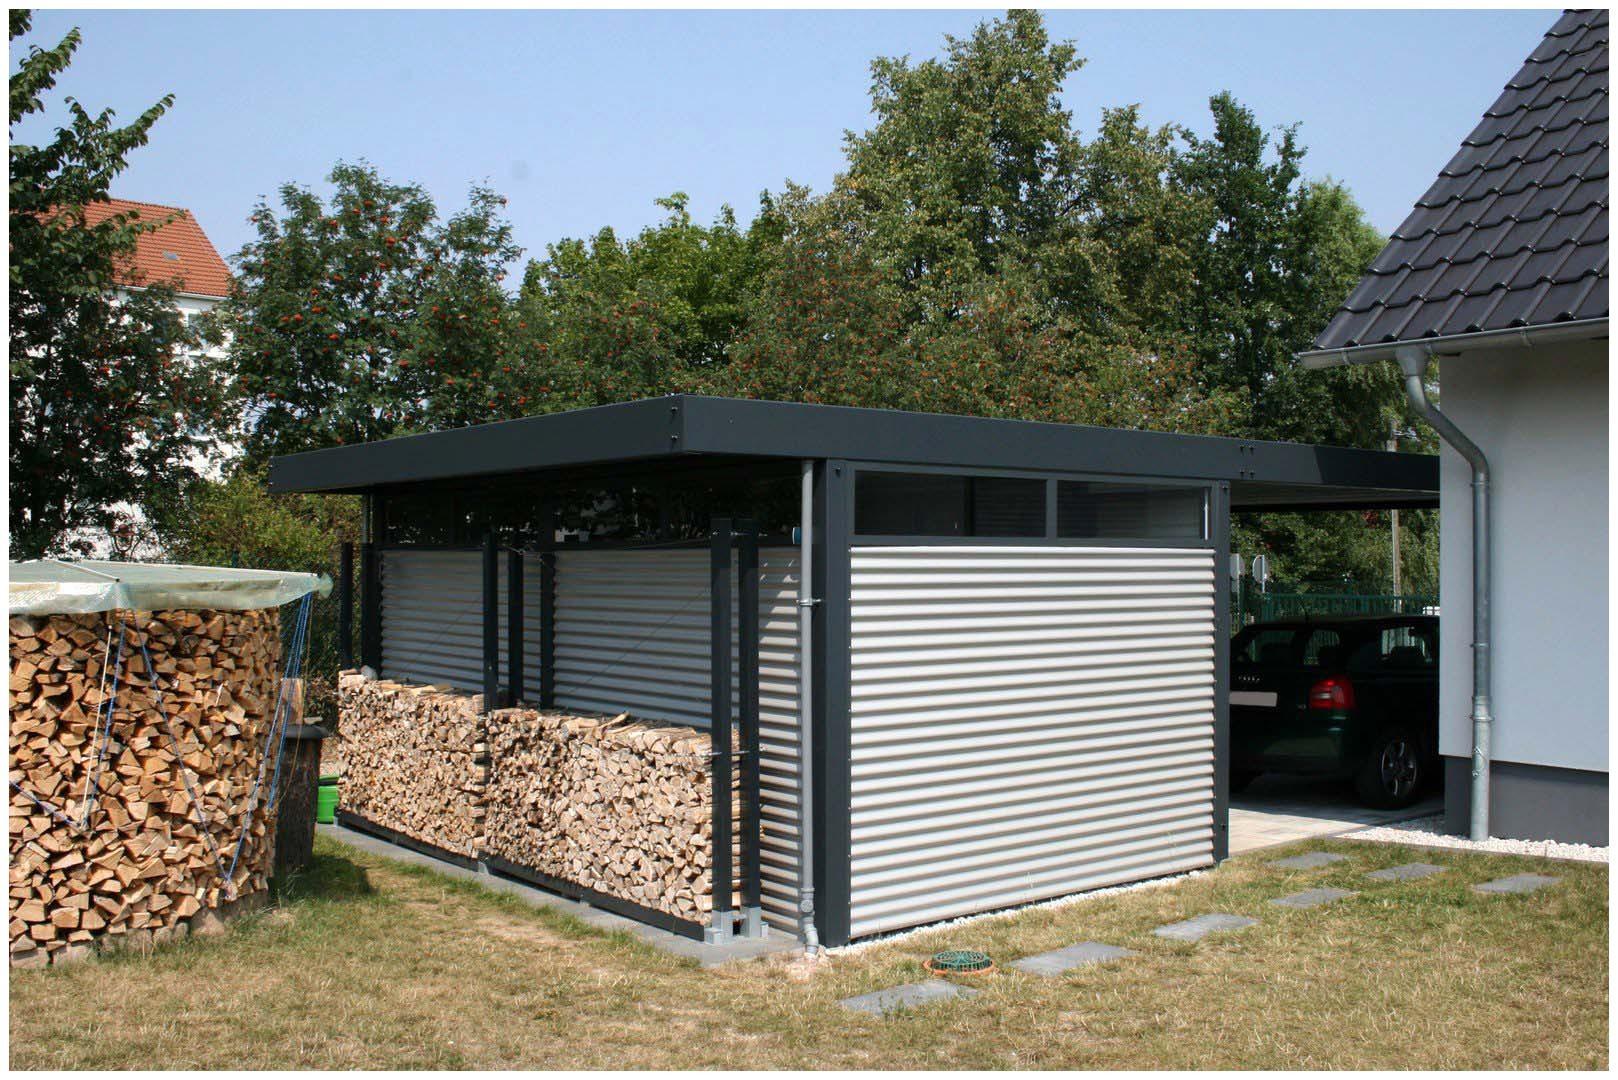 Garage Blech  Garage Blech Design Metall Carport Aus Stahl Blech